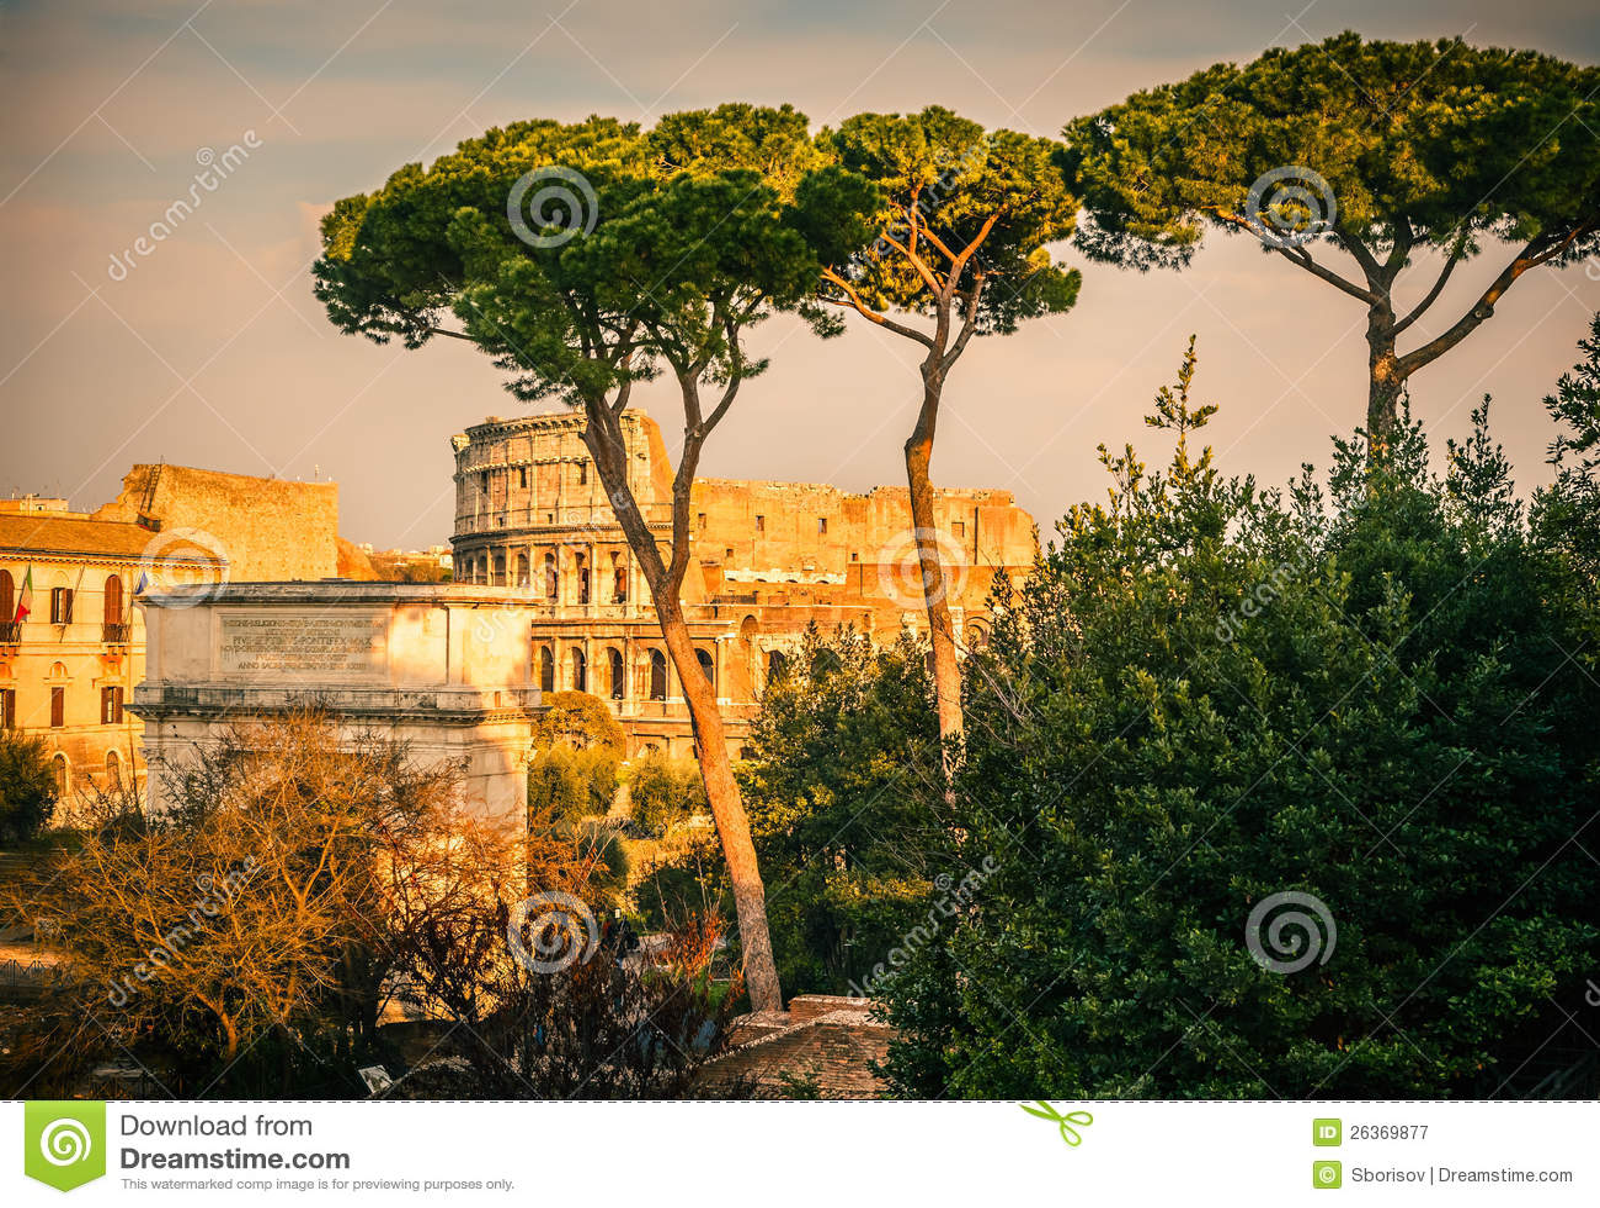 Colosseum am Sonnenuntergang